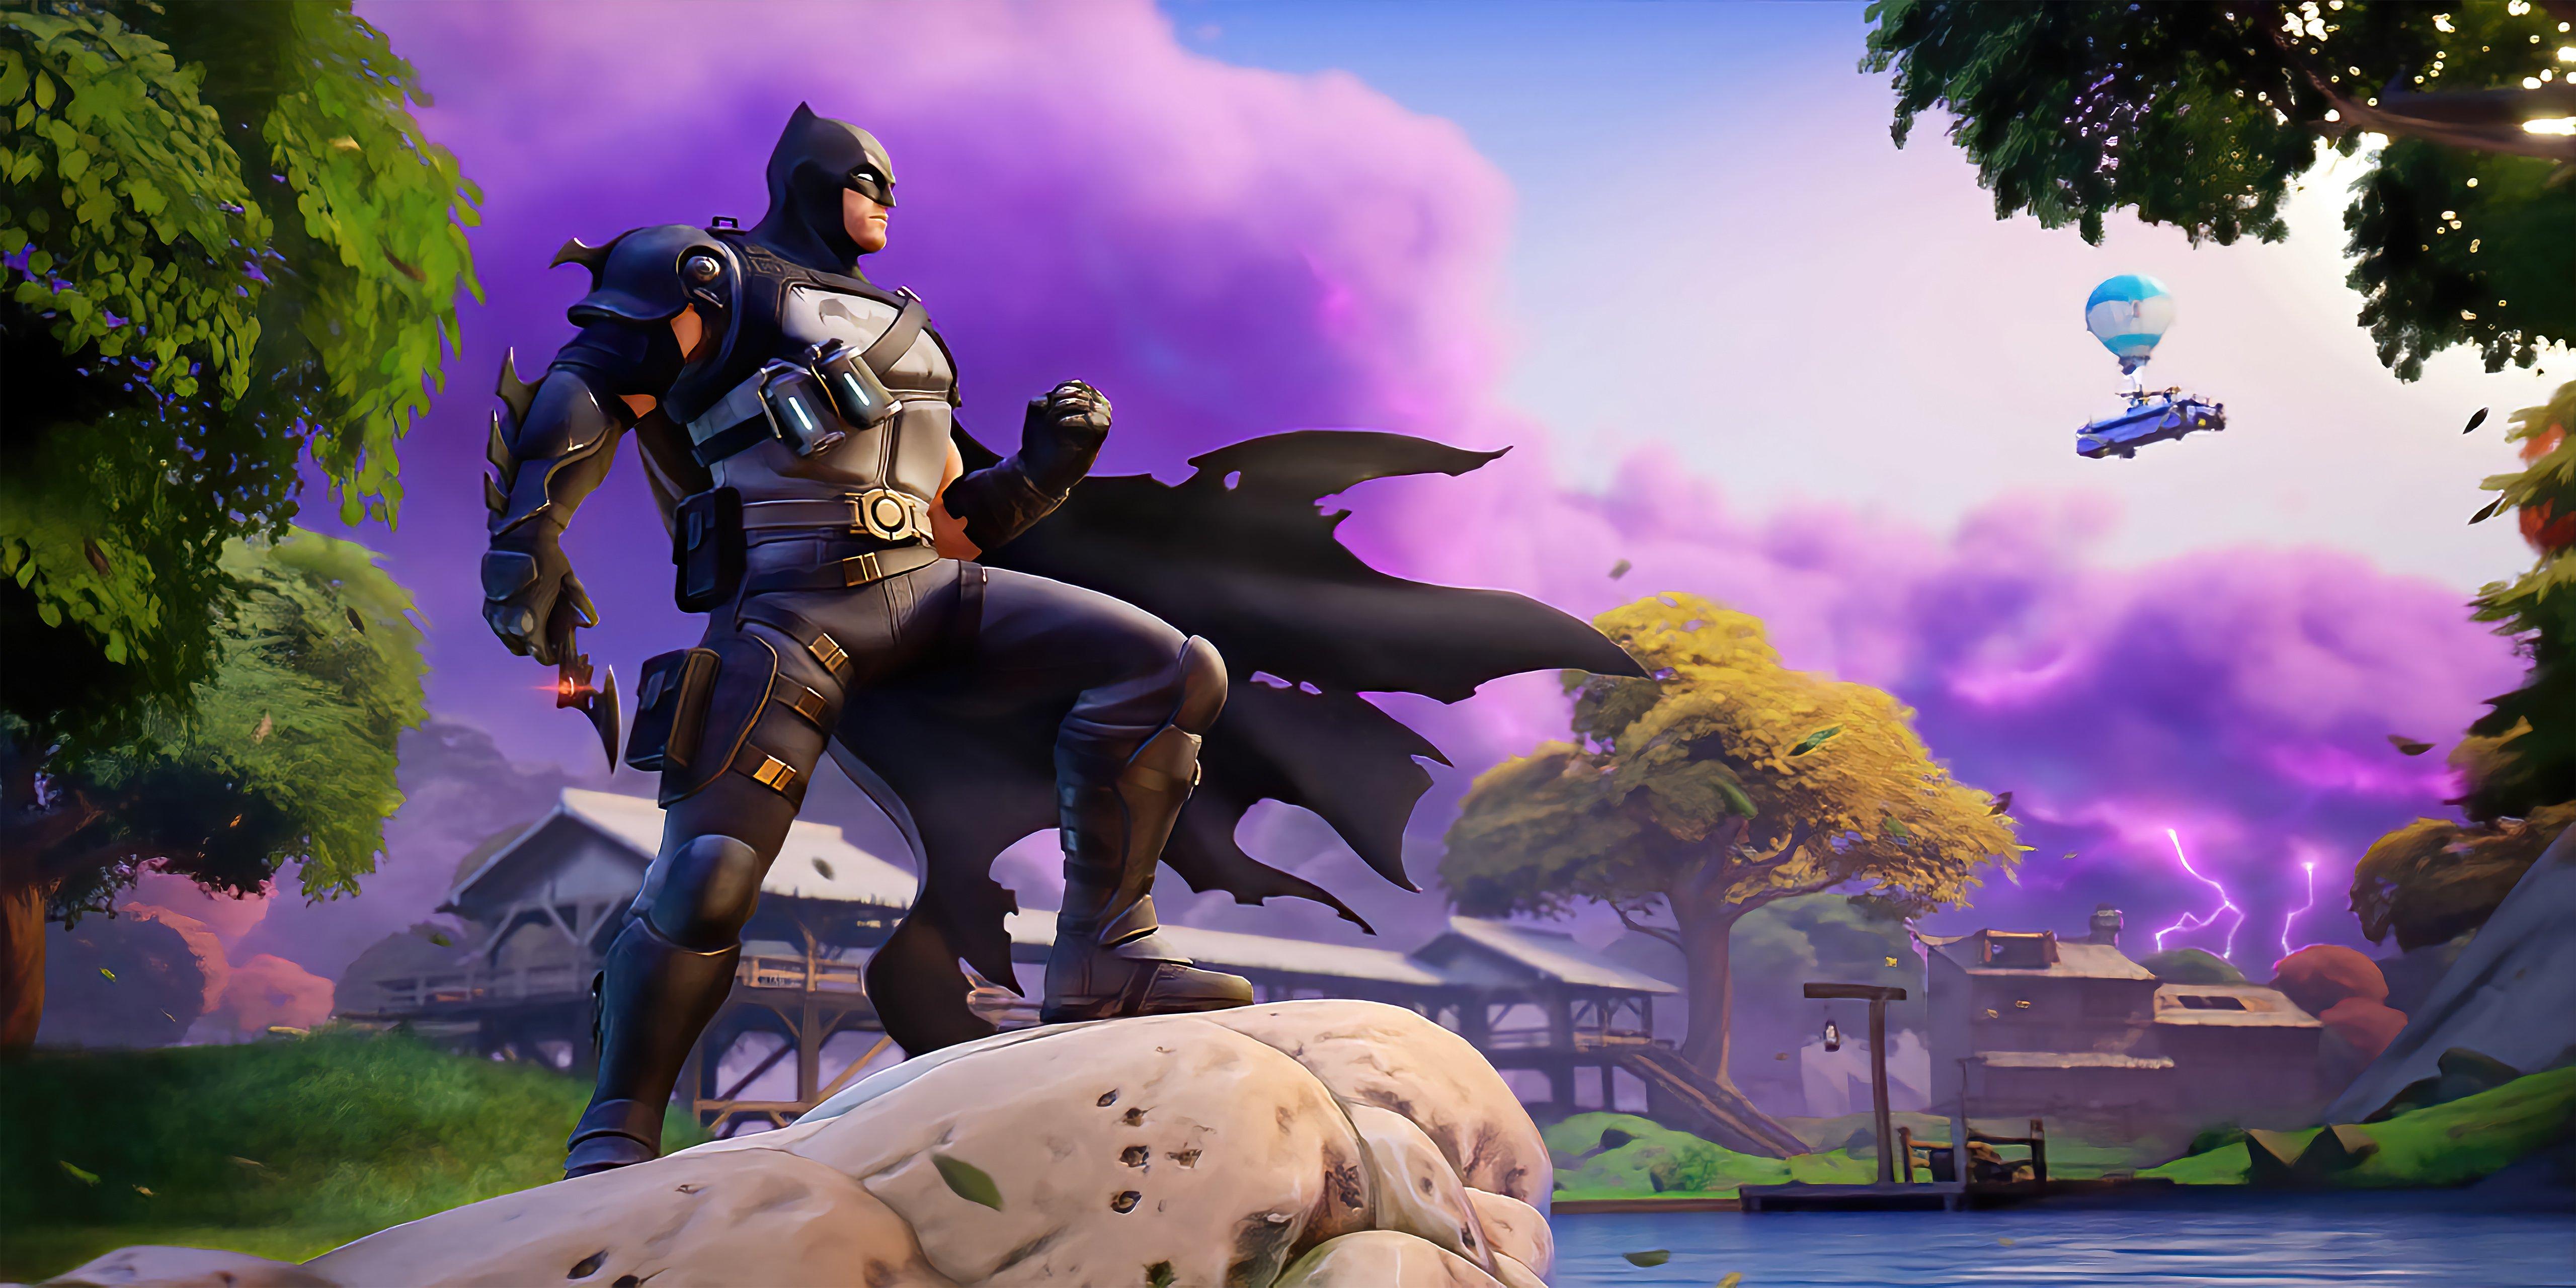 Fondos de pantalla Batman en Fortnite